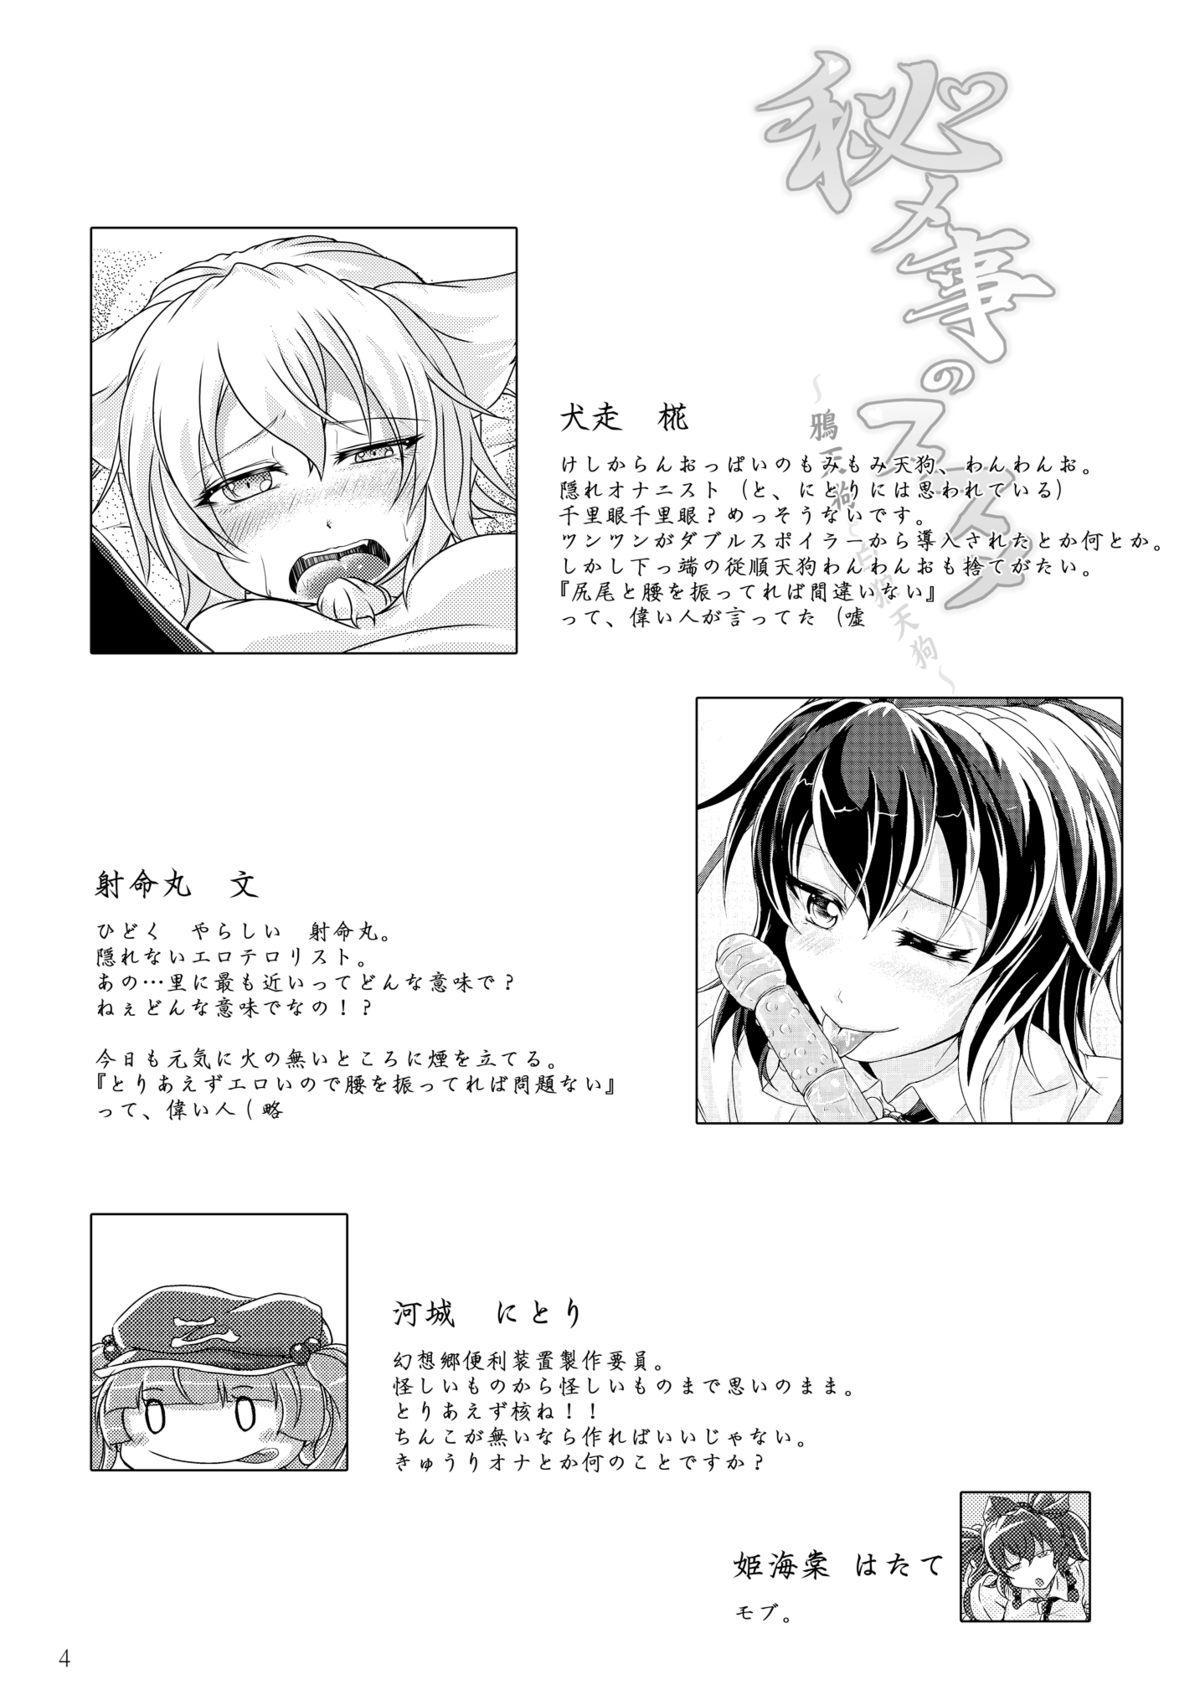 Himegoto no Susume 3